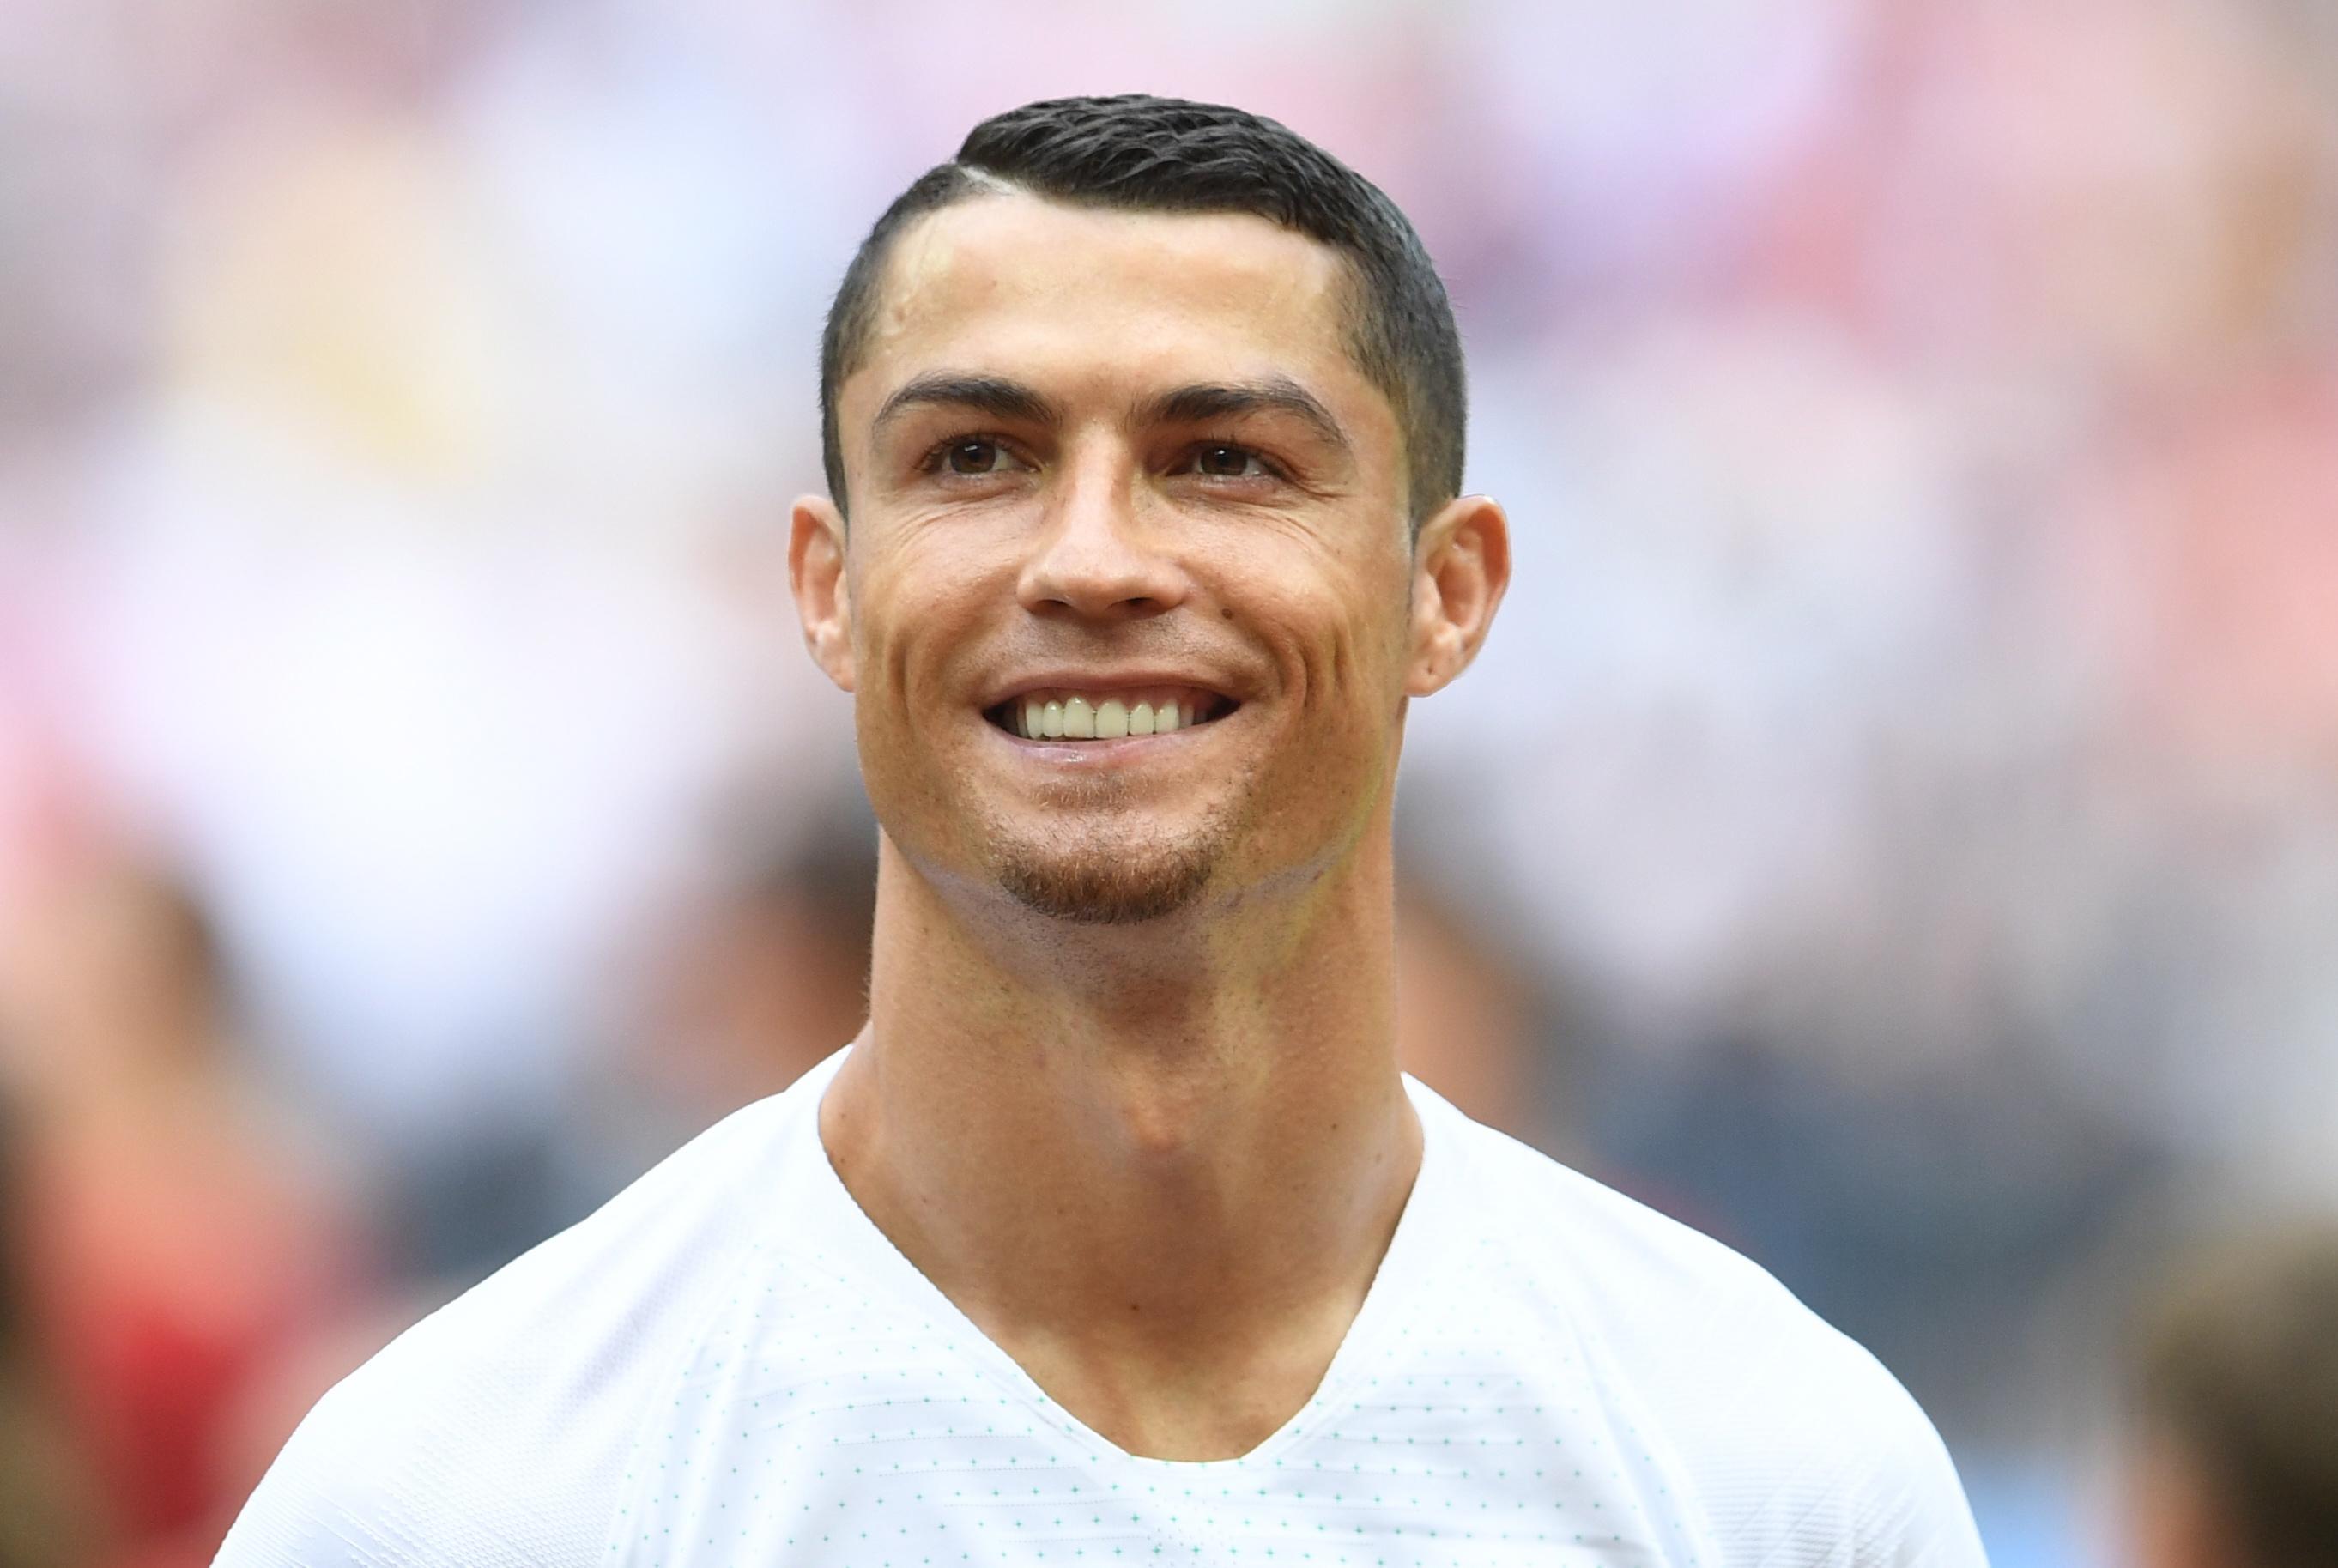 Cristiano Ronaldo alla Juve: 'E' arrivato a Torino', ma era Armando Izzo